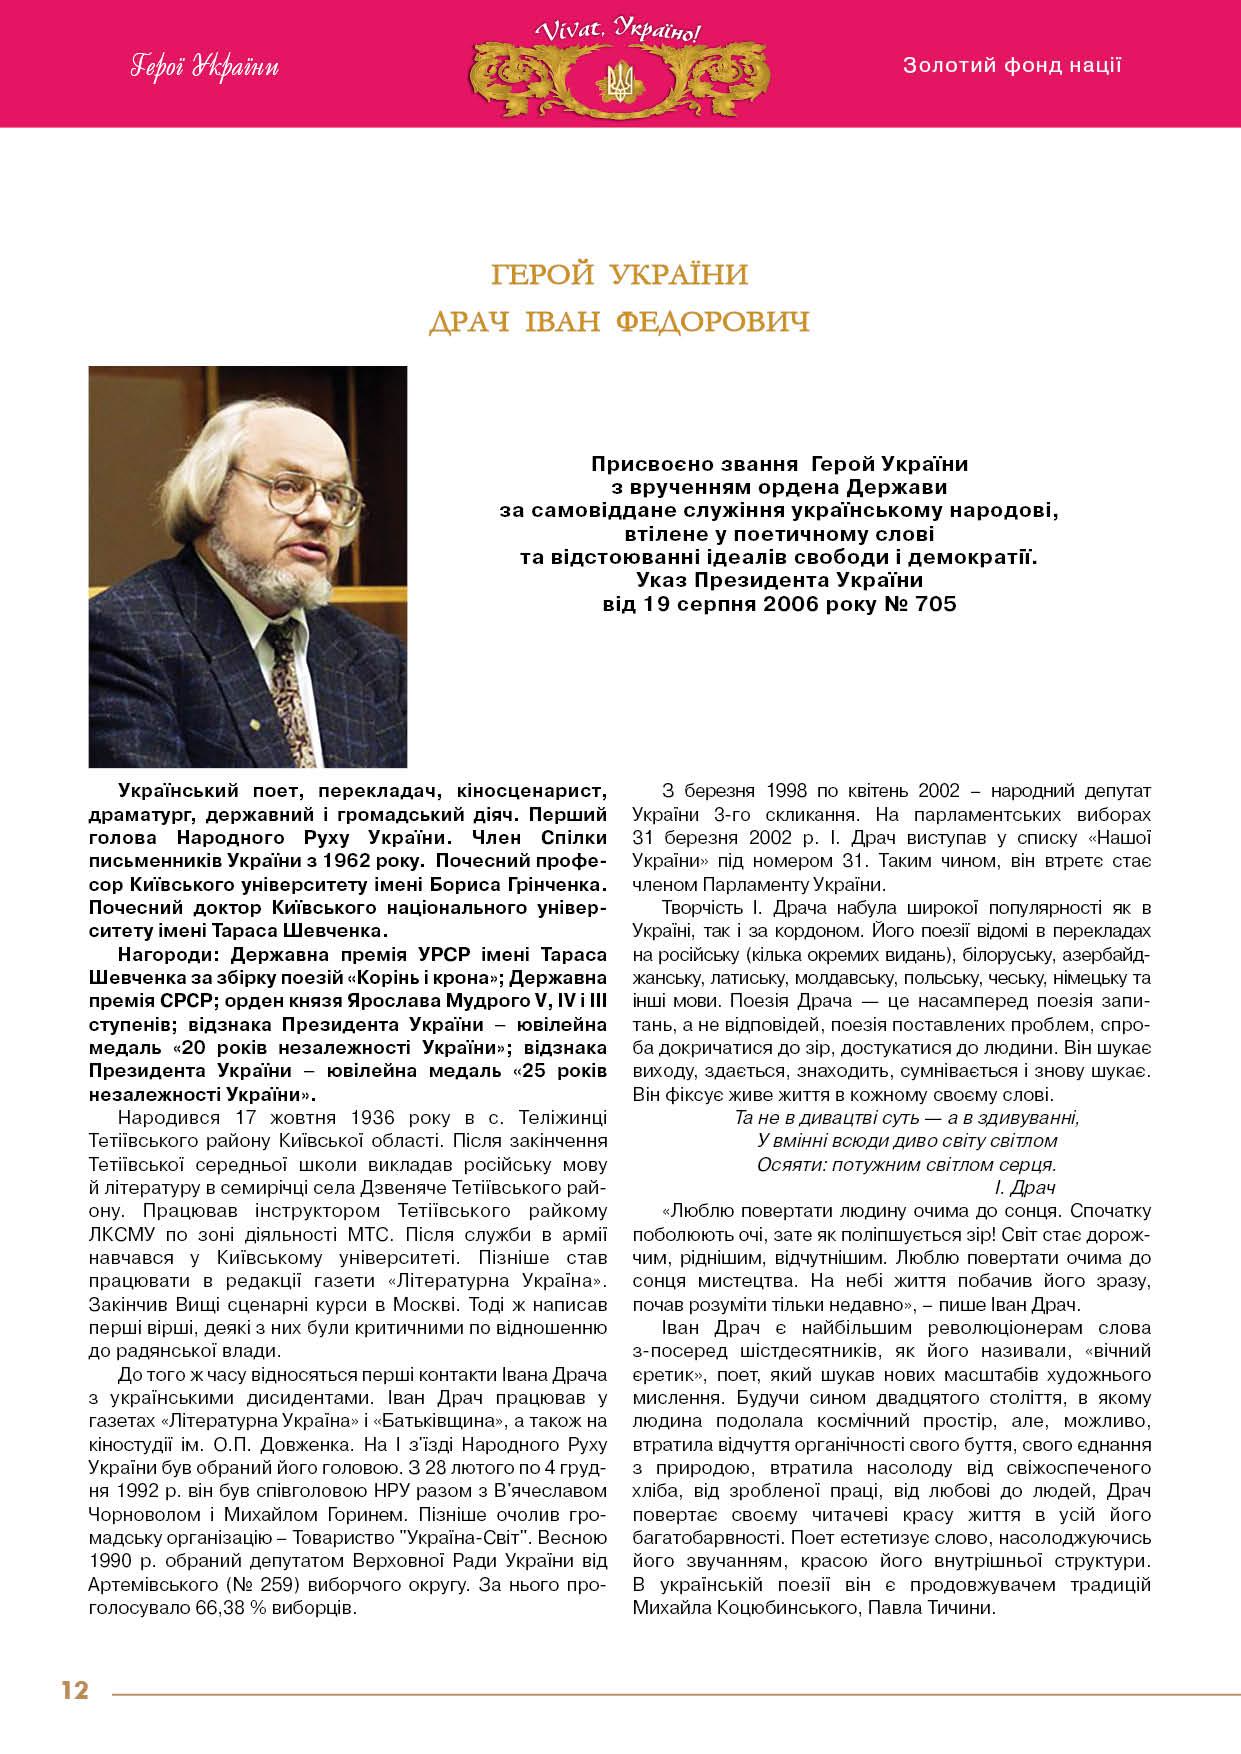 Драч Іван Федорович